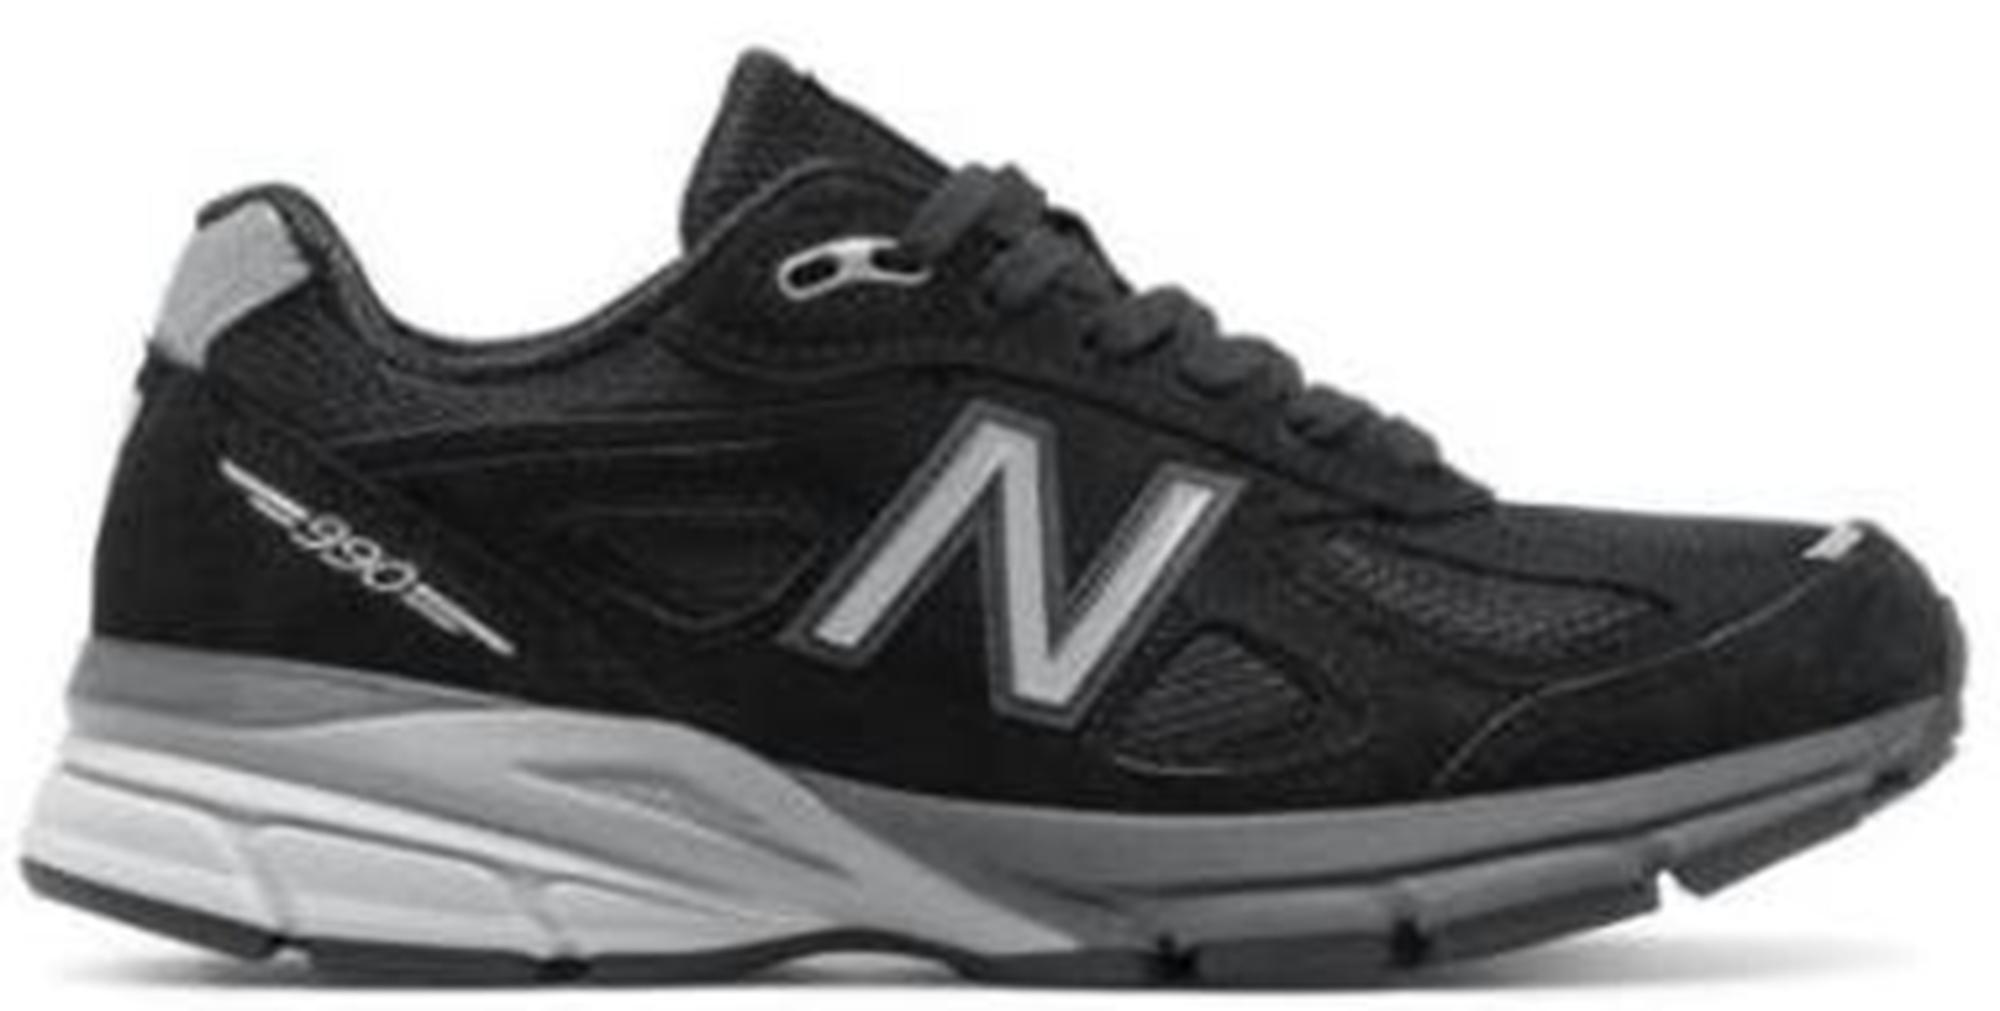 New Balance 990 v4 Black (W) - W990BK4